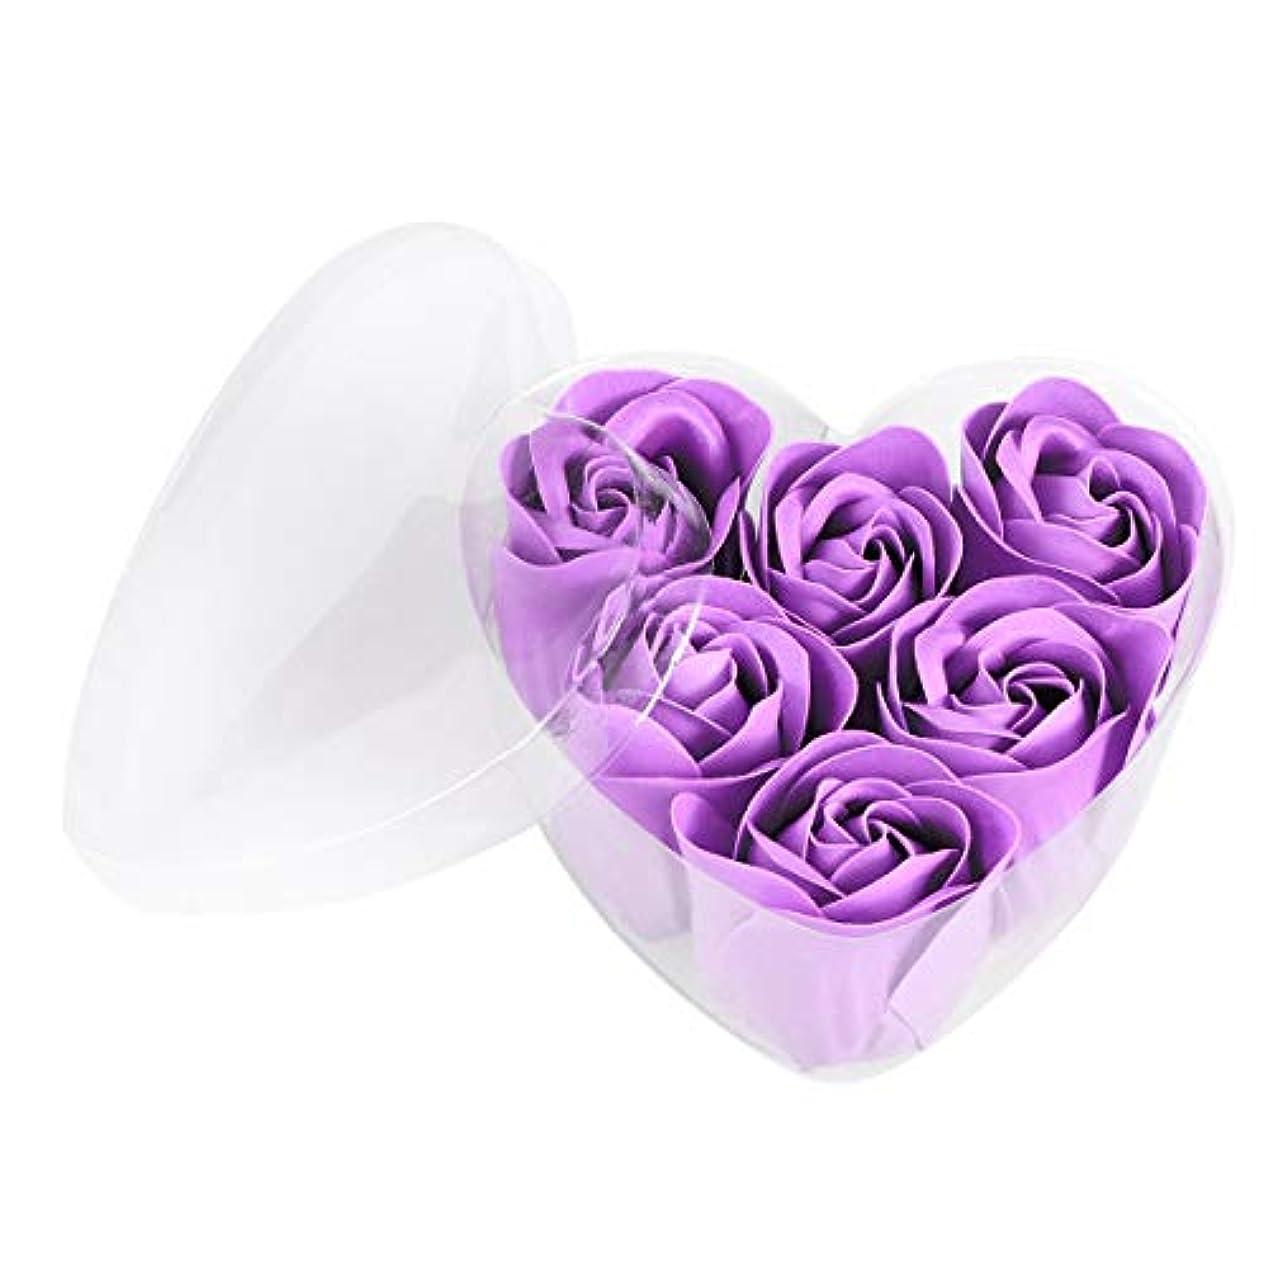 主観的多用途下手FRCOLOR 6ピースシミュレーションローズソープハート型フラワーソープギフトボックス用誕生日Valentin's Day(紫)